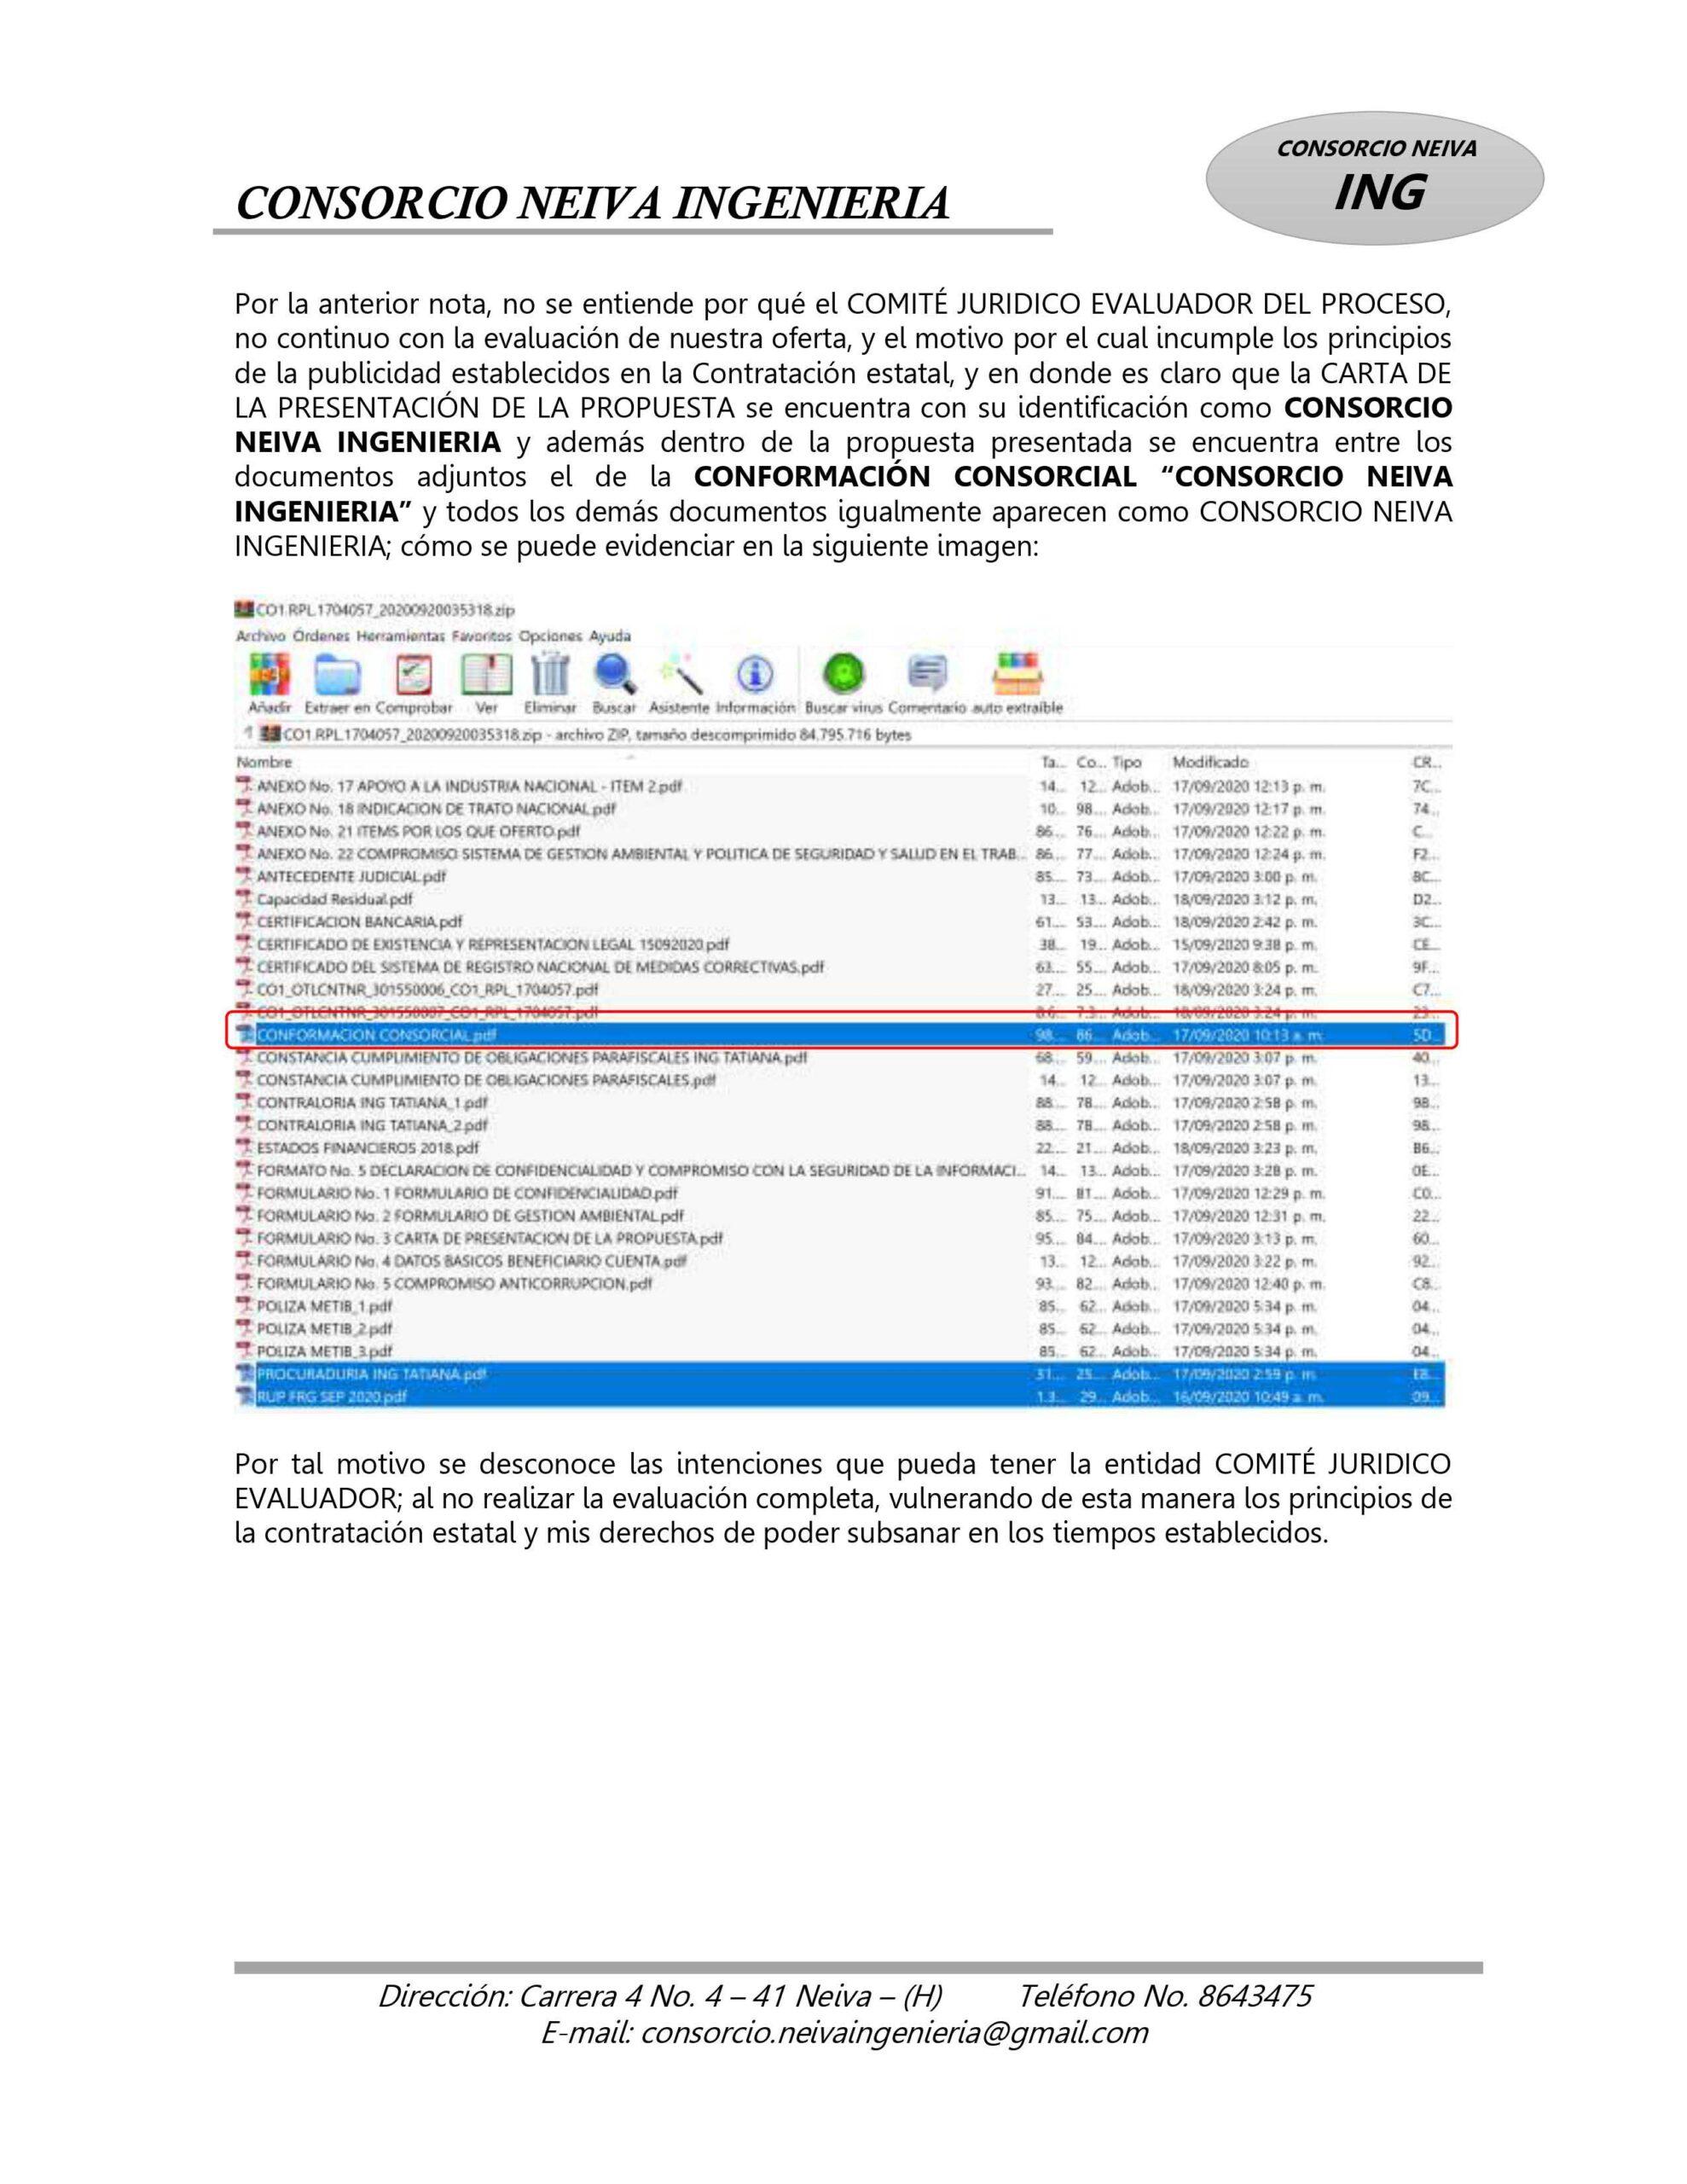 ¿Policía en el Tolima estaría favoreciendo a Contratista? 7